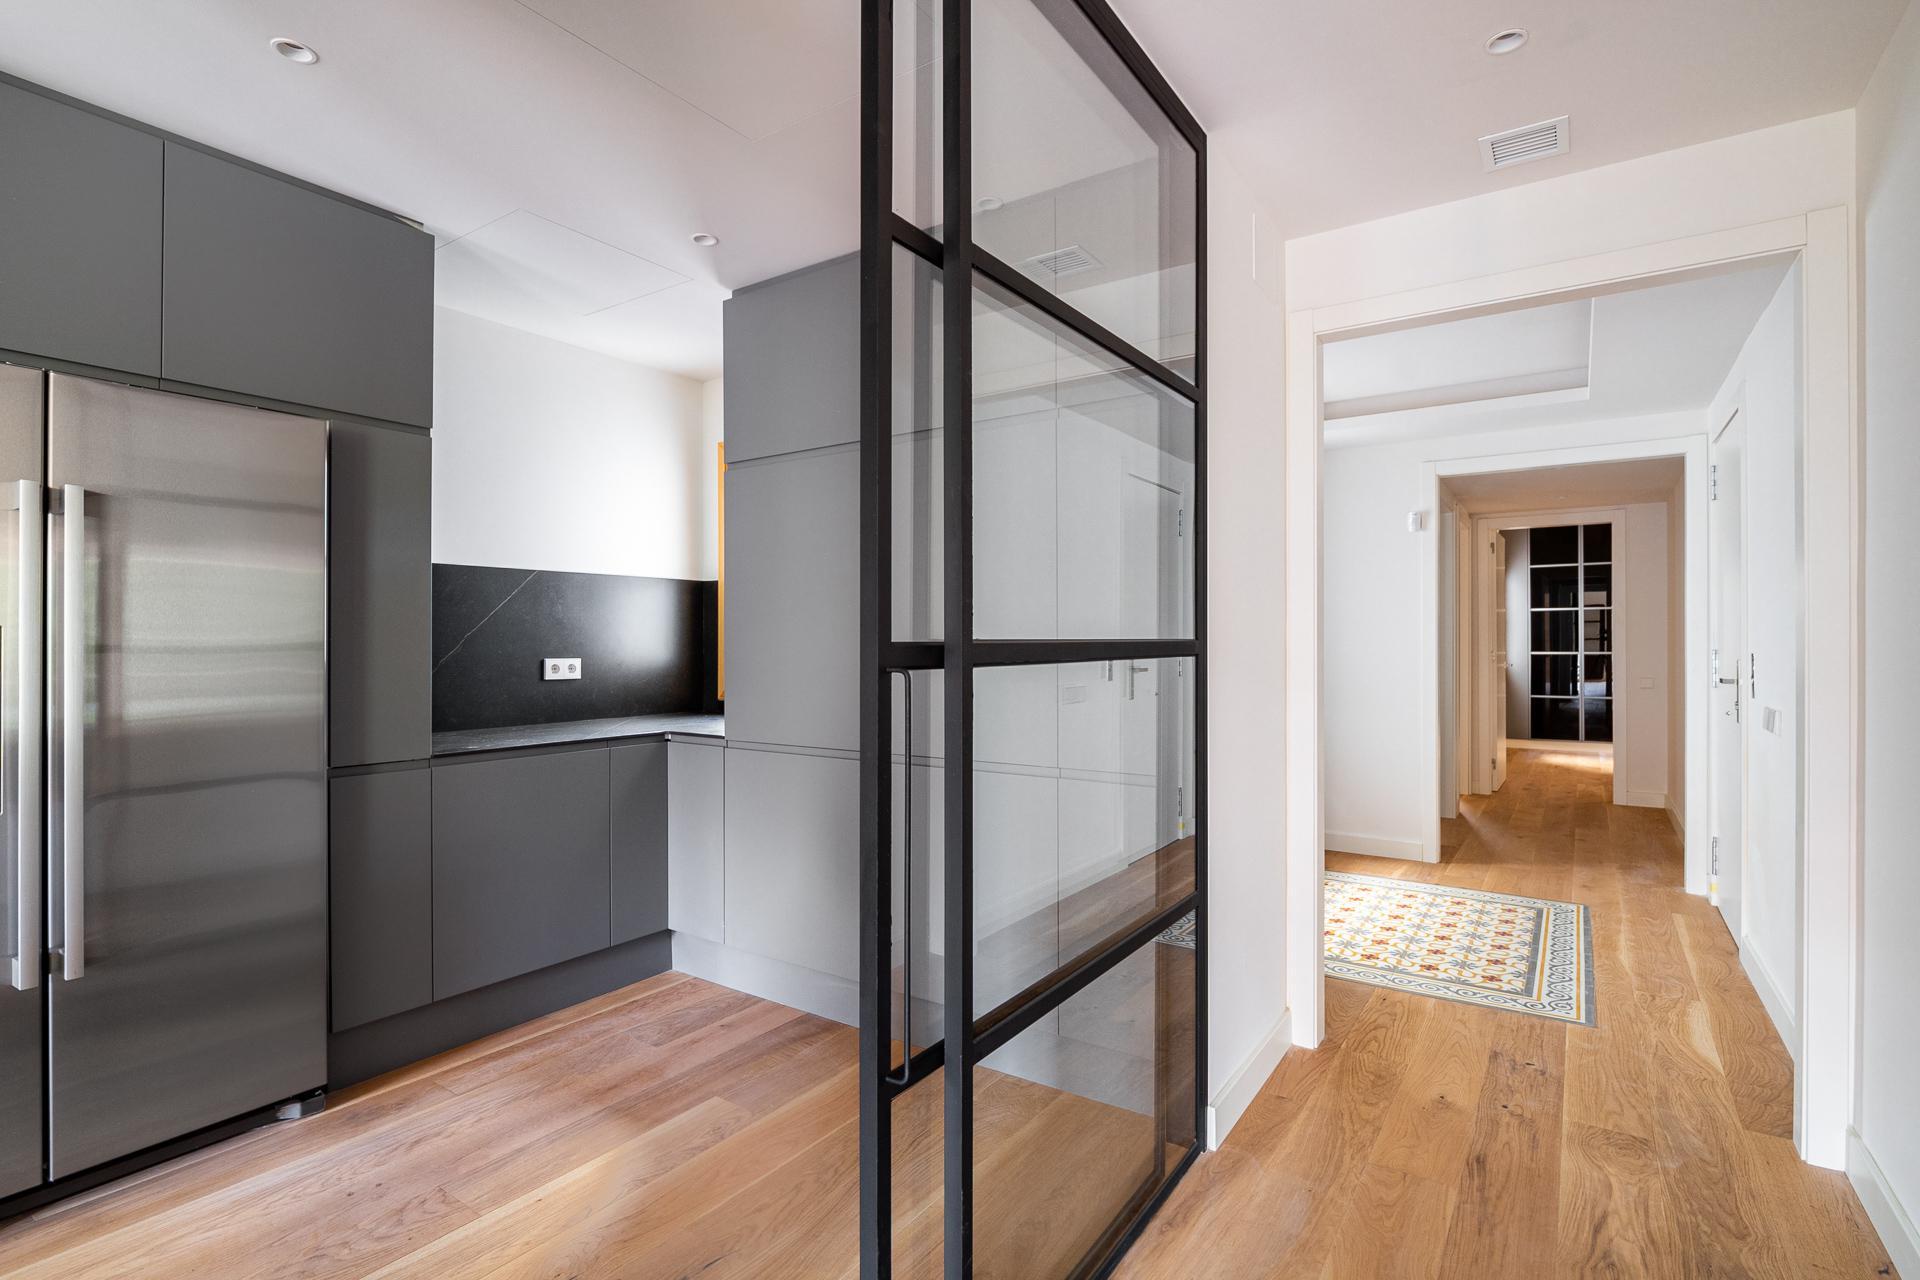 245902 Penthouse for sale in Ciutat Vella, St. Pere St. Caterina and La Ribera 9